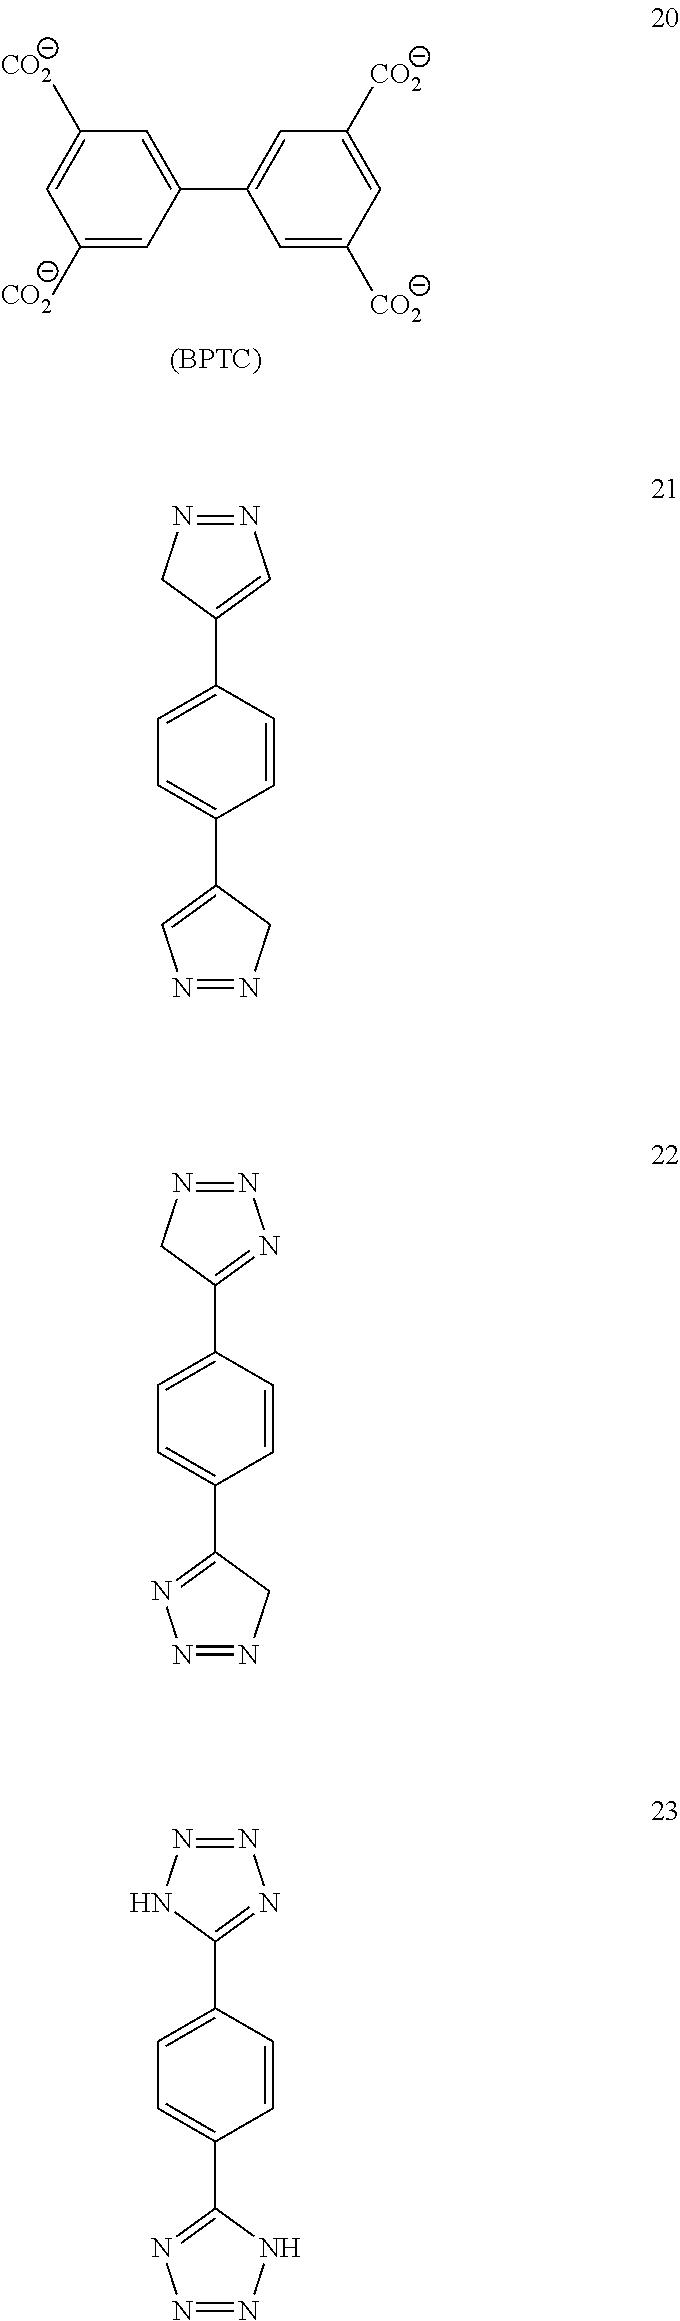 Figure US20180201629A1-20180719-C00005